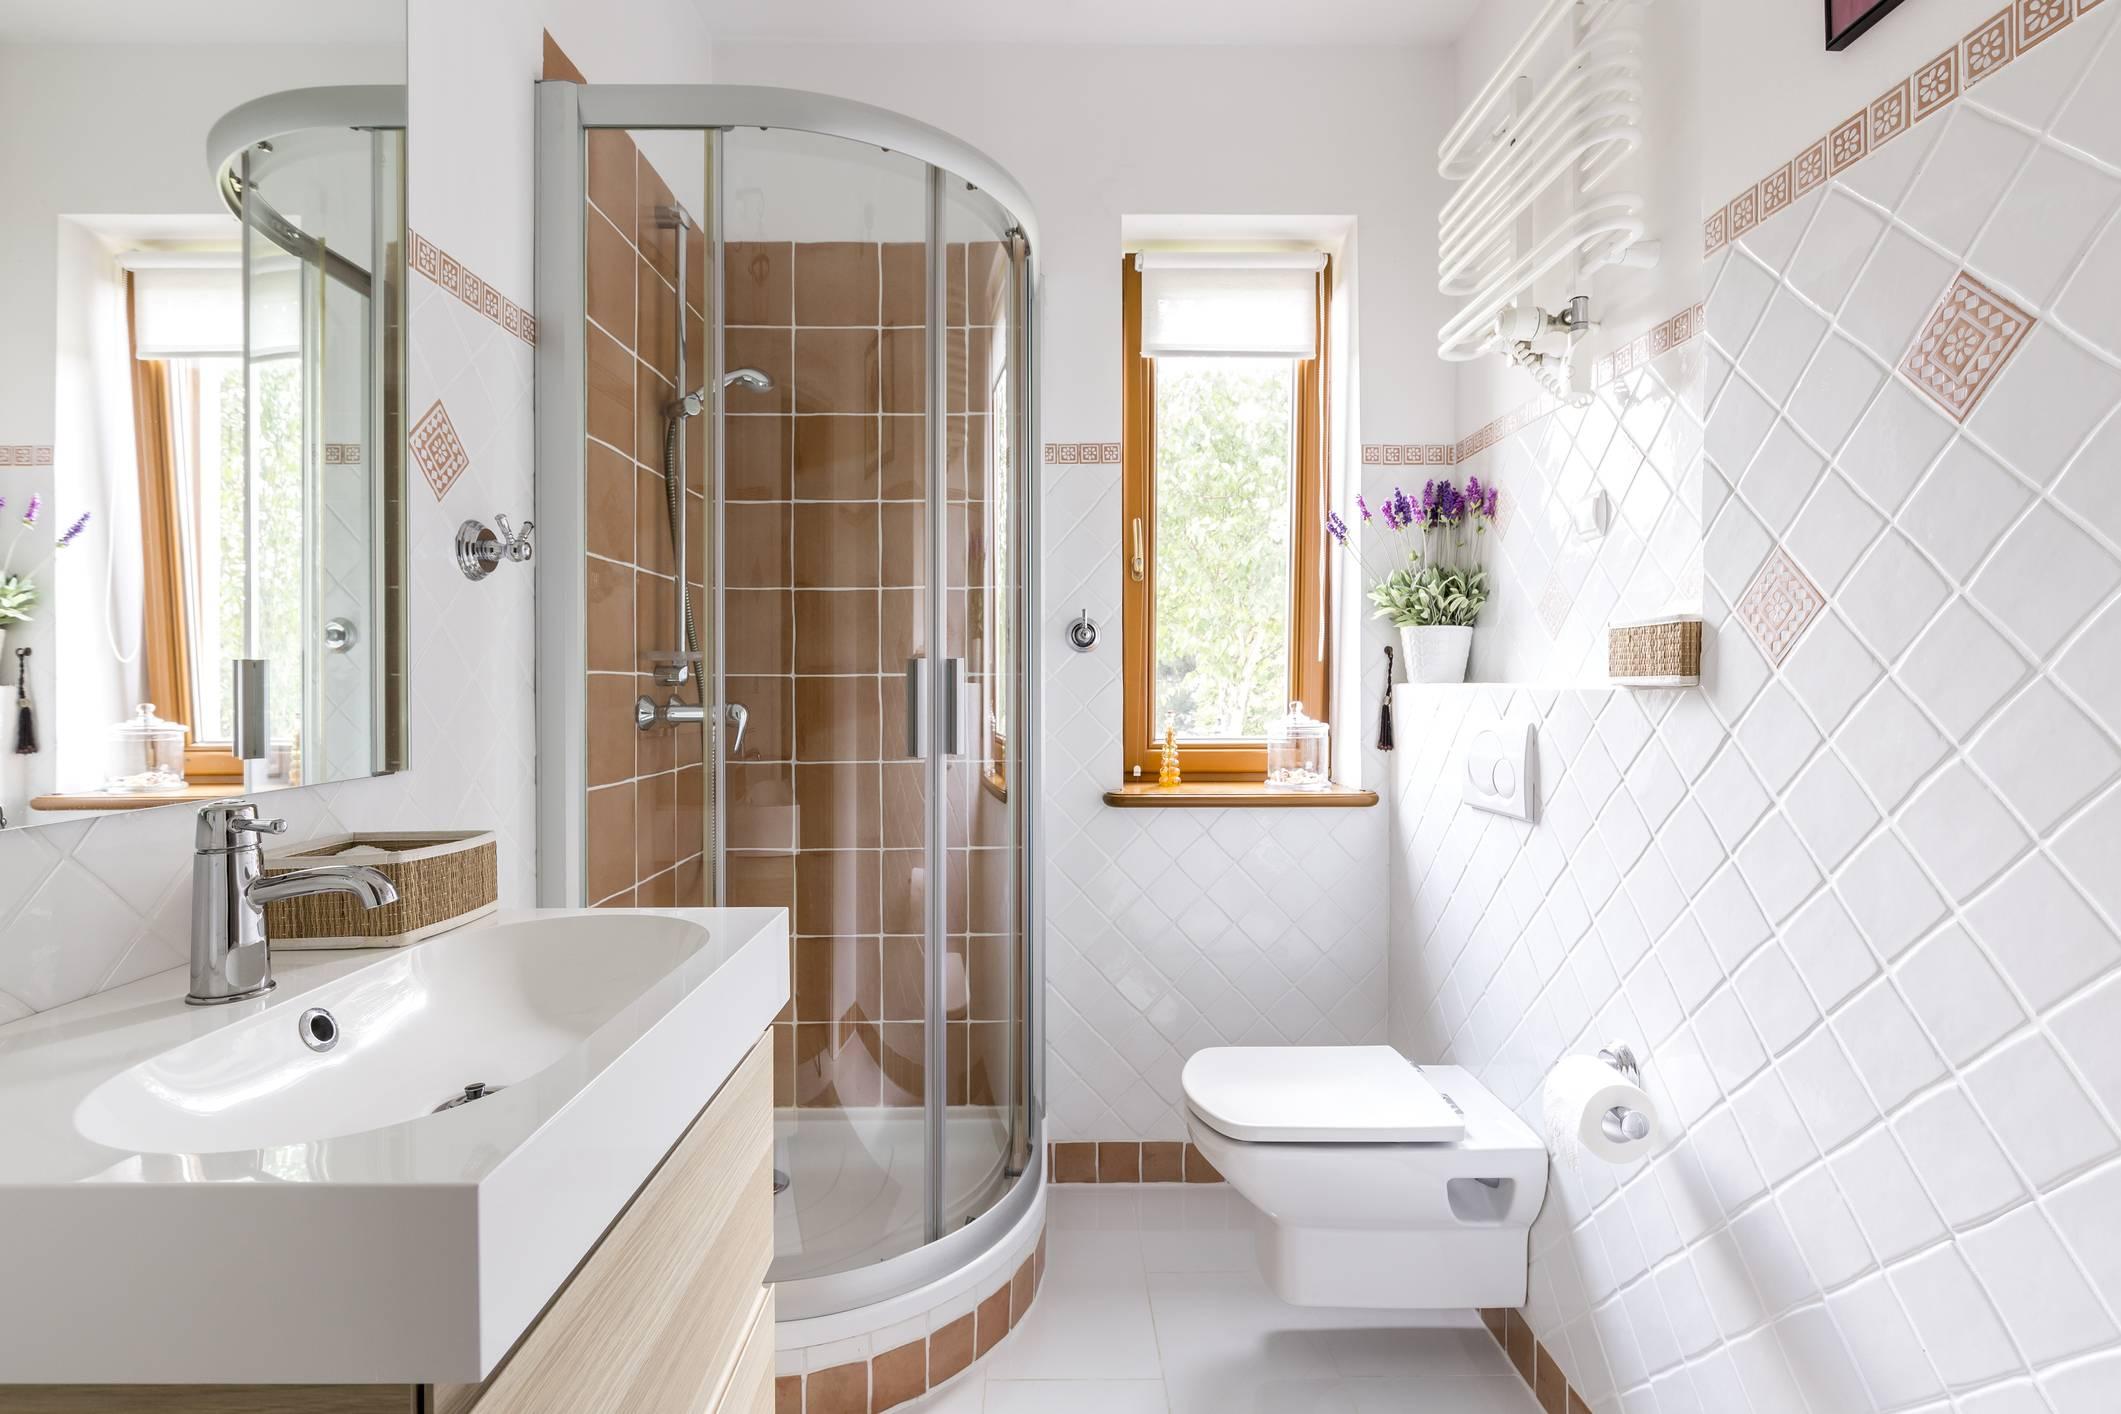 Ванная комната с душевой — советы экспертов по выбору душевой кабинки и рекомендации по монтажу своими руками